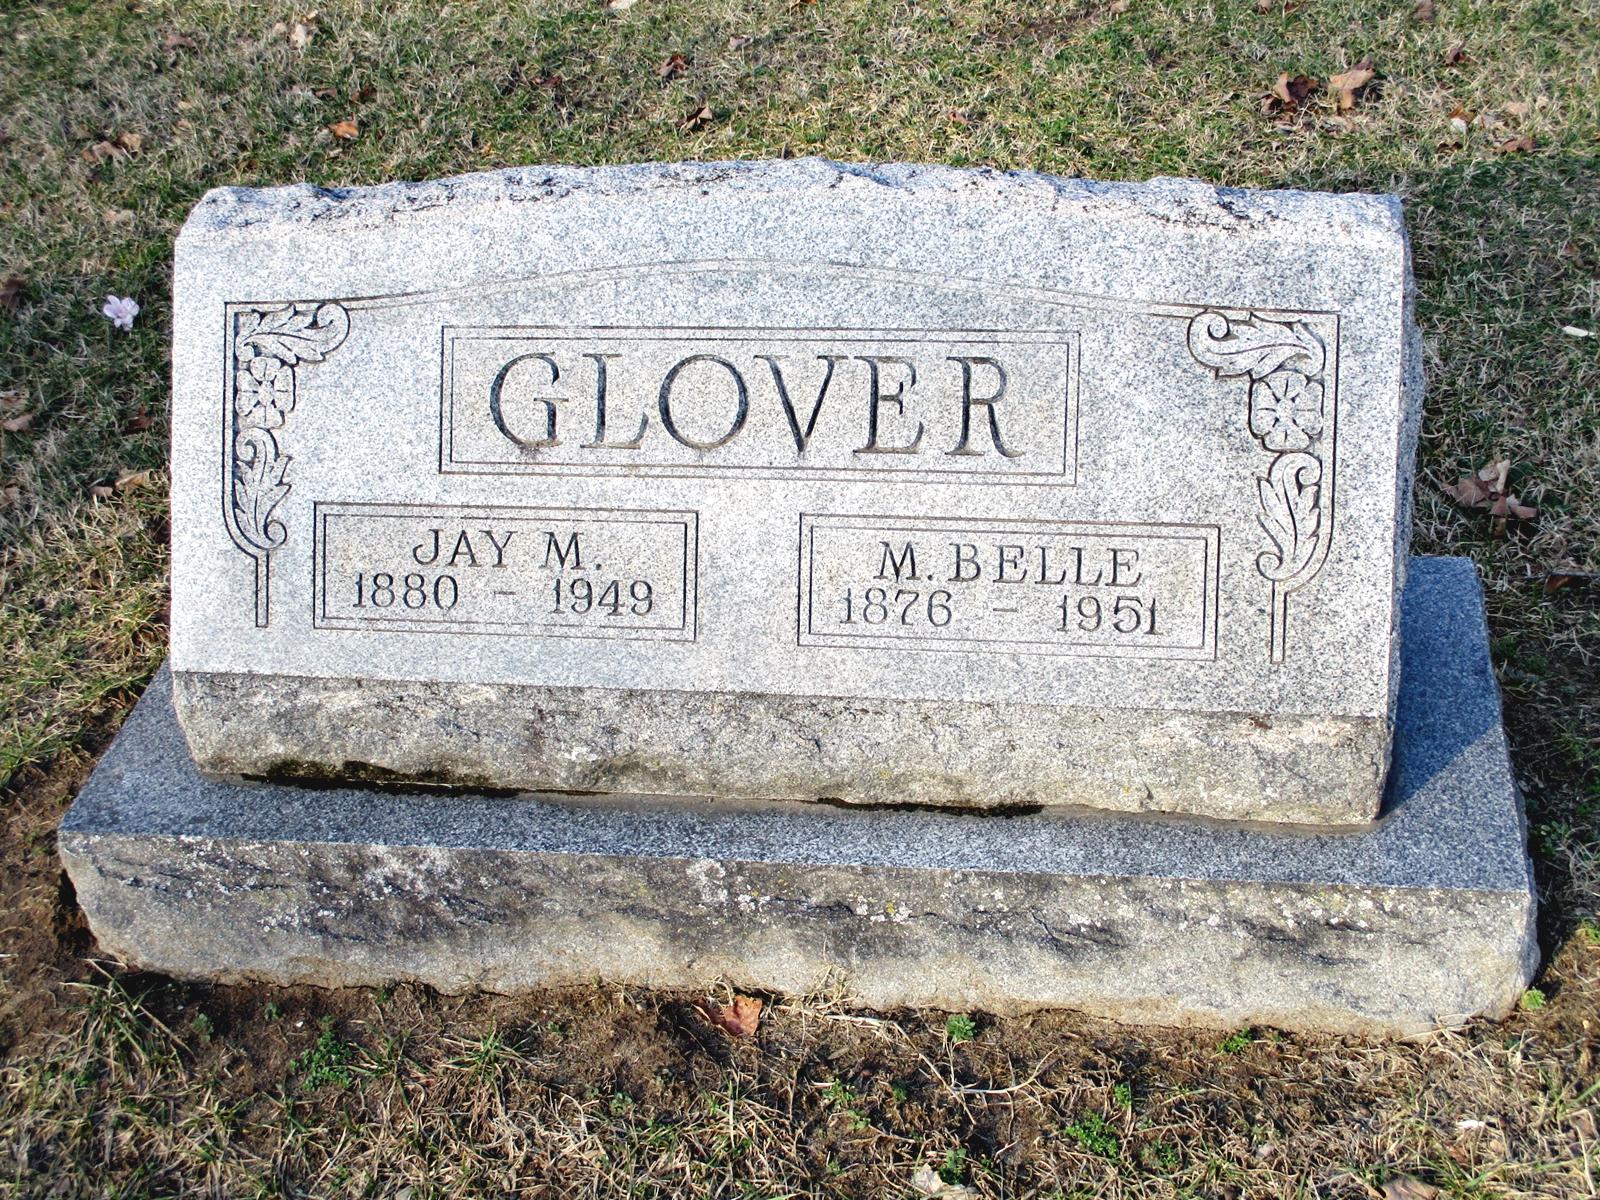 Jay M Glover